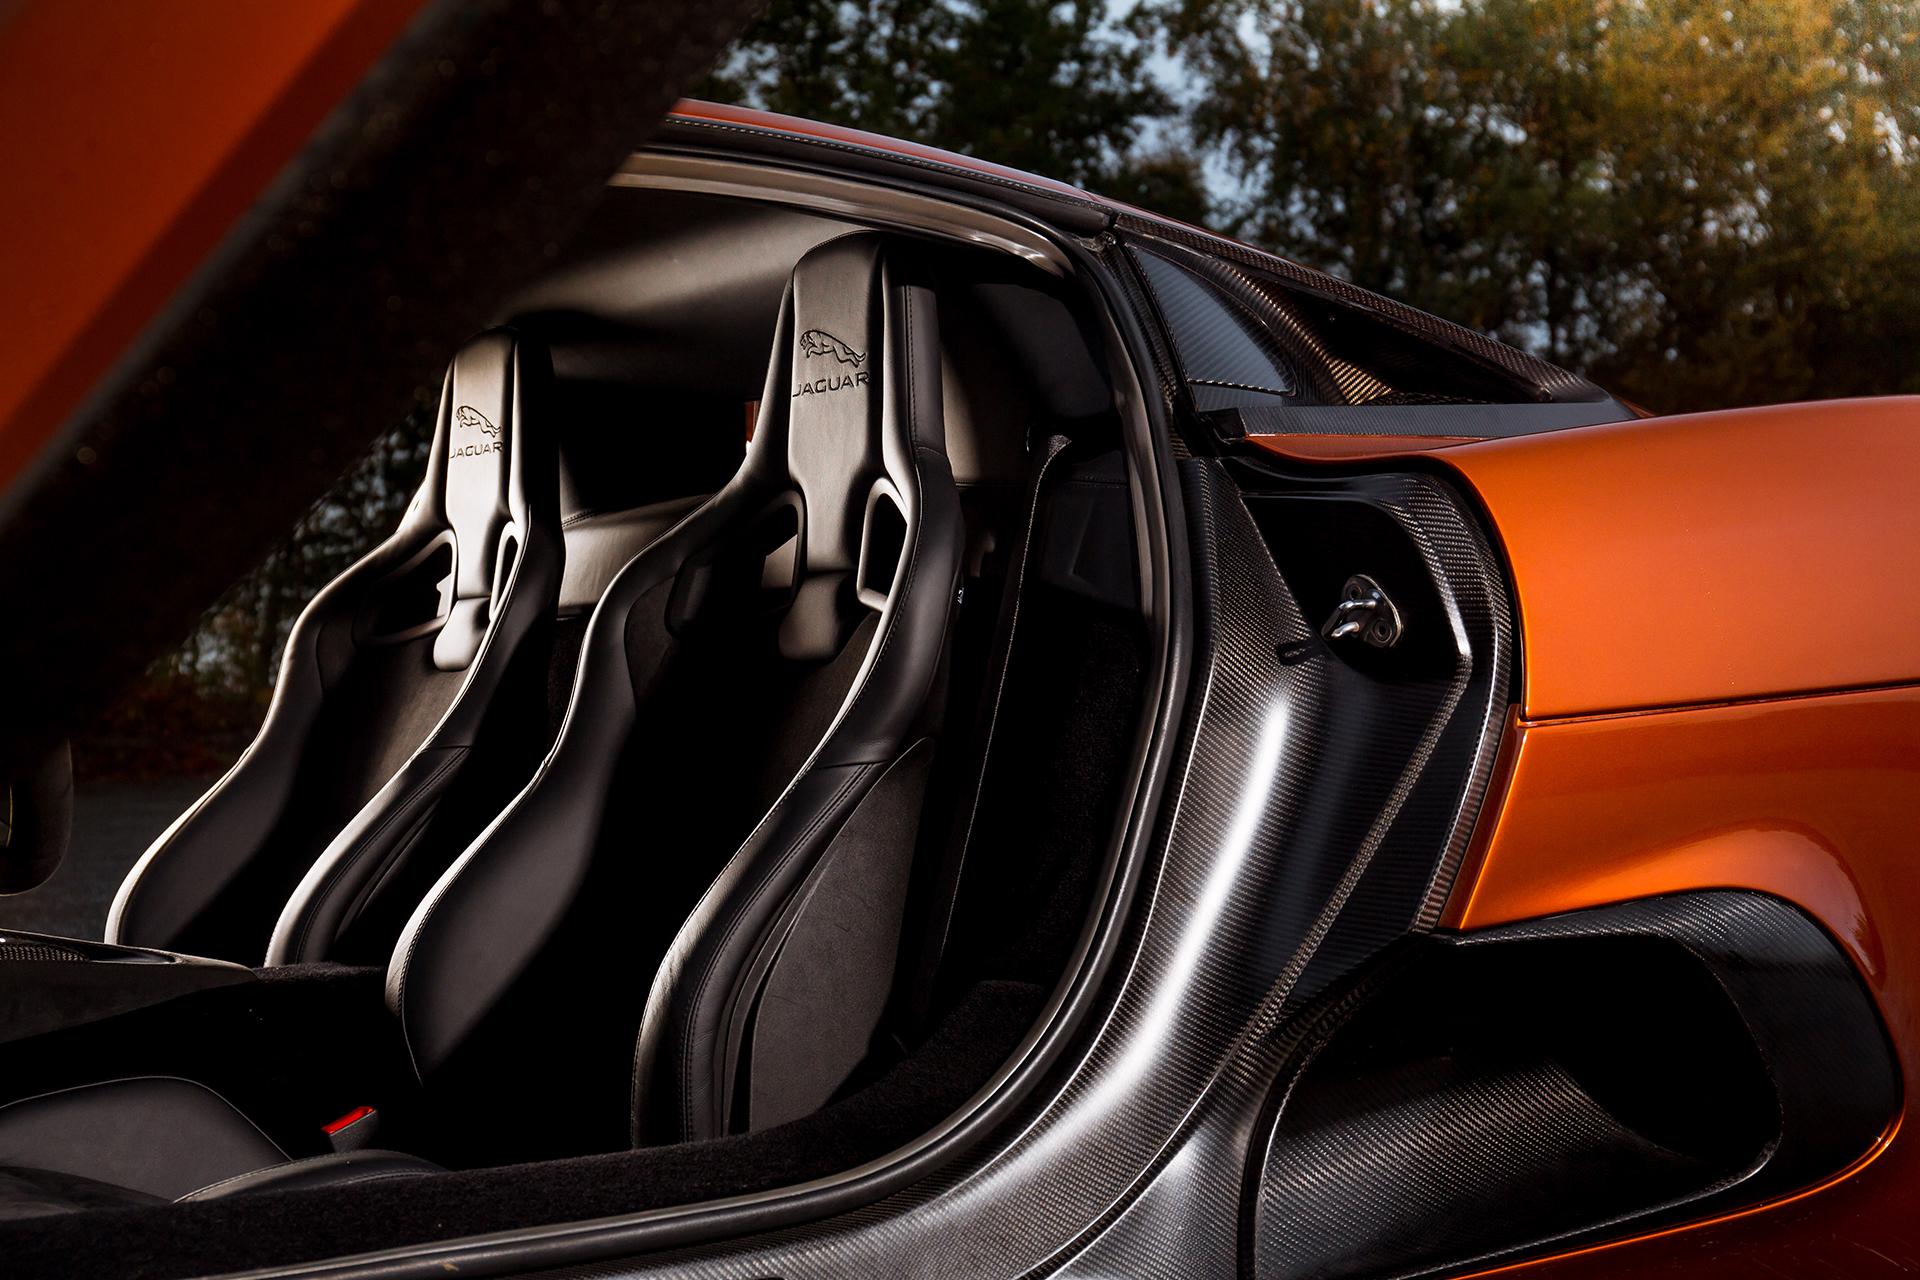 Jaguar C-X75 - Spectre - 2015 - sièges / seats